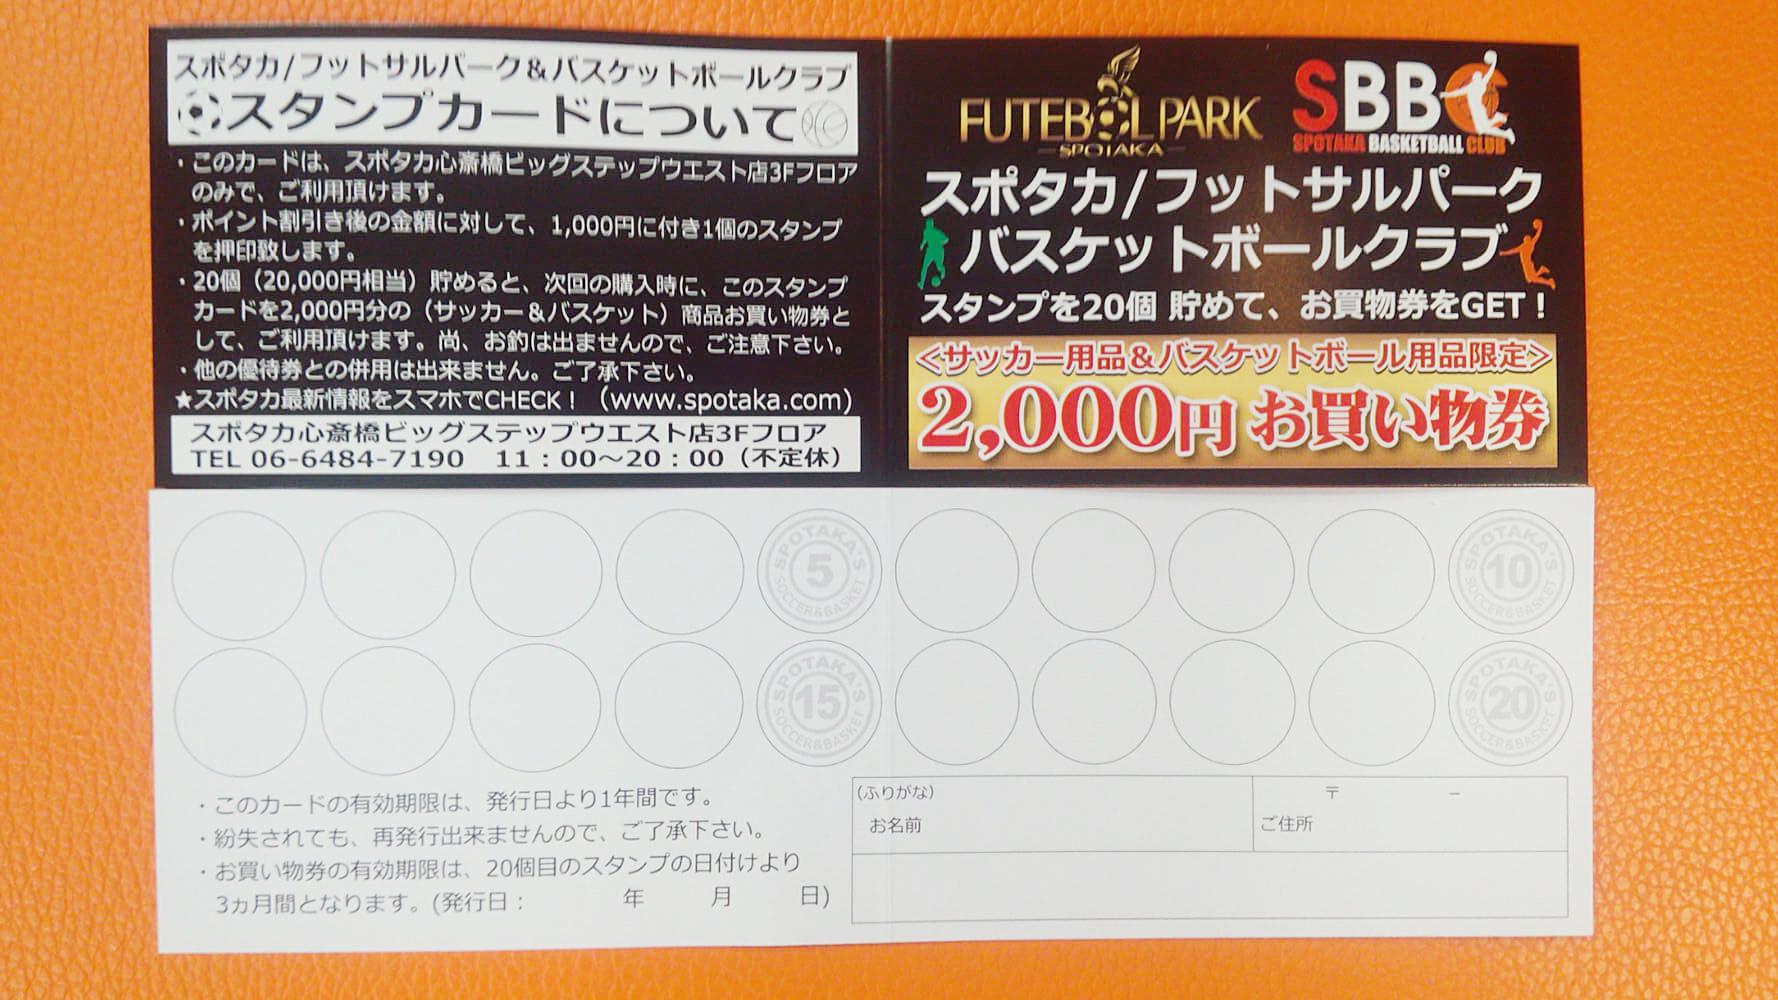 スポタカ/フットサルパーク&バスケットボールクラブ限定のスタンプカード発行!